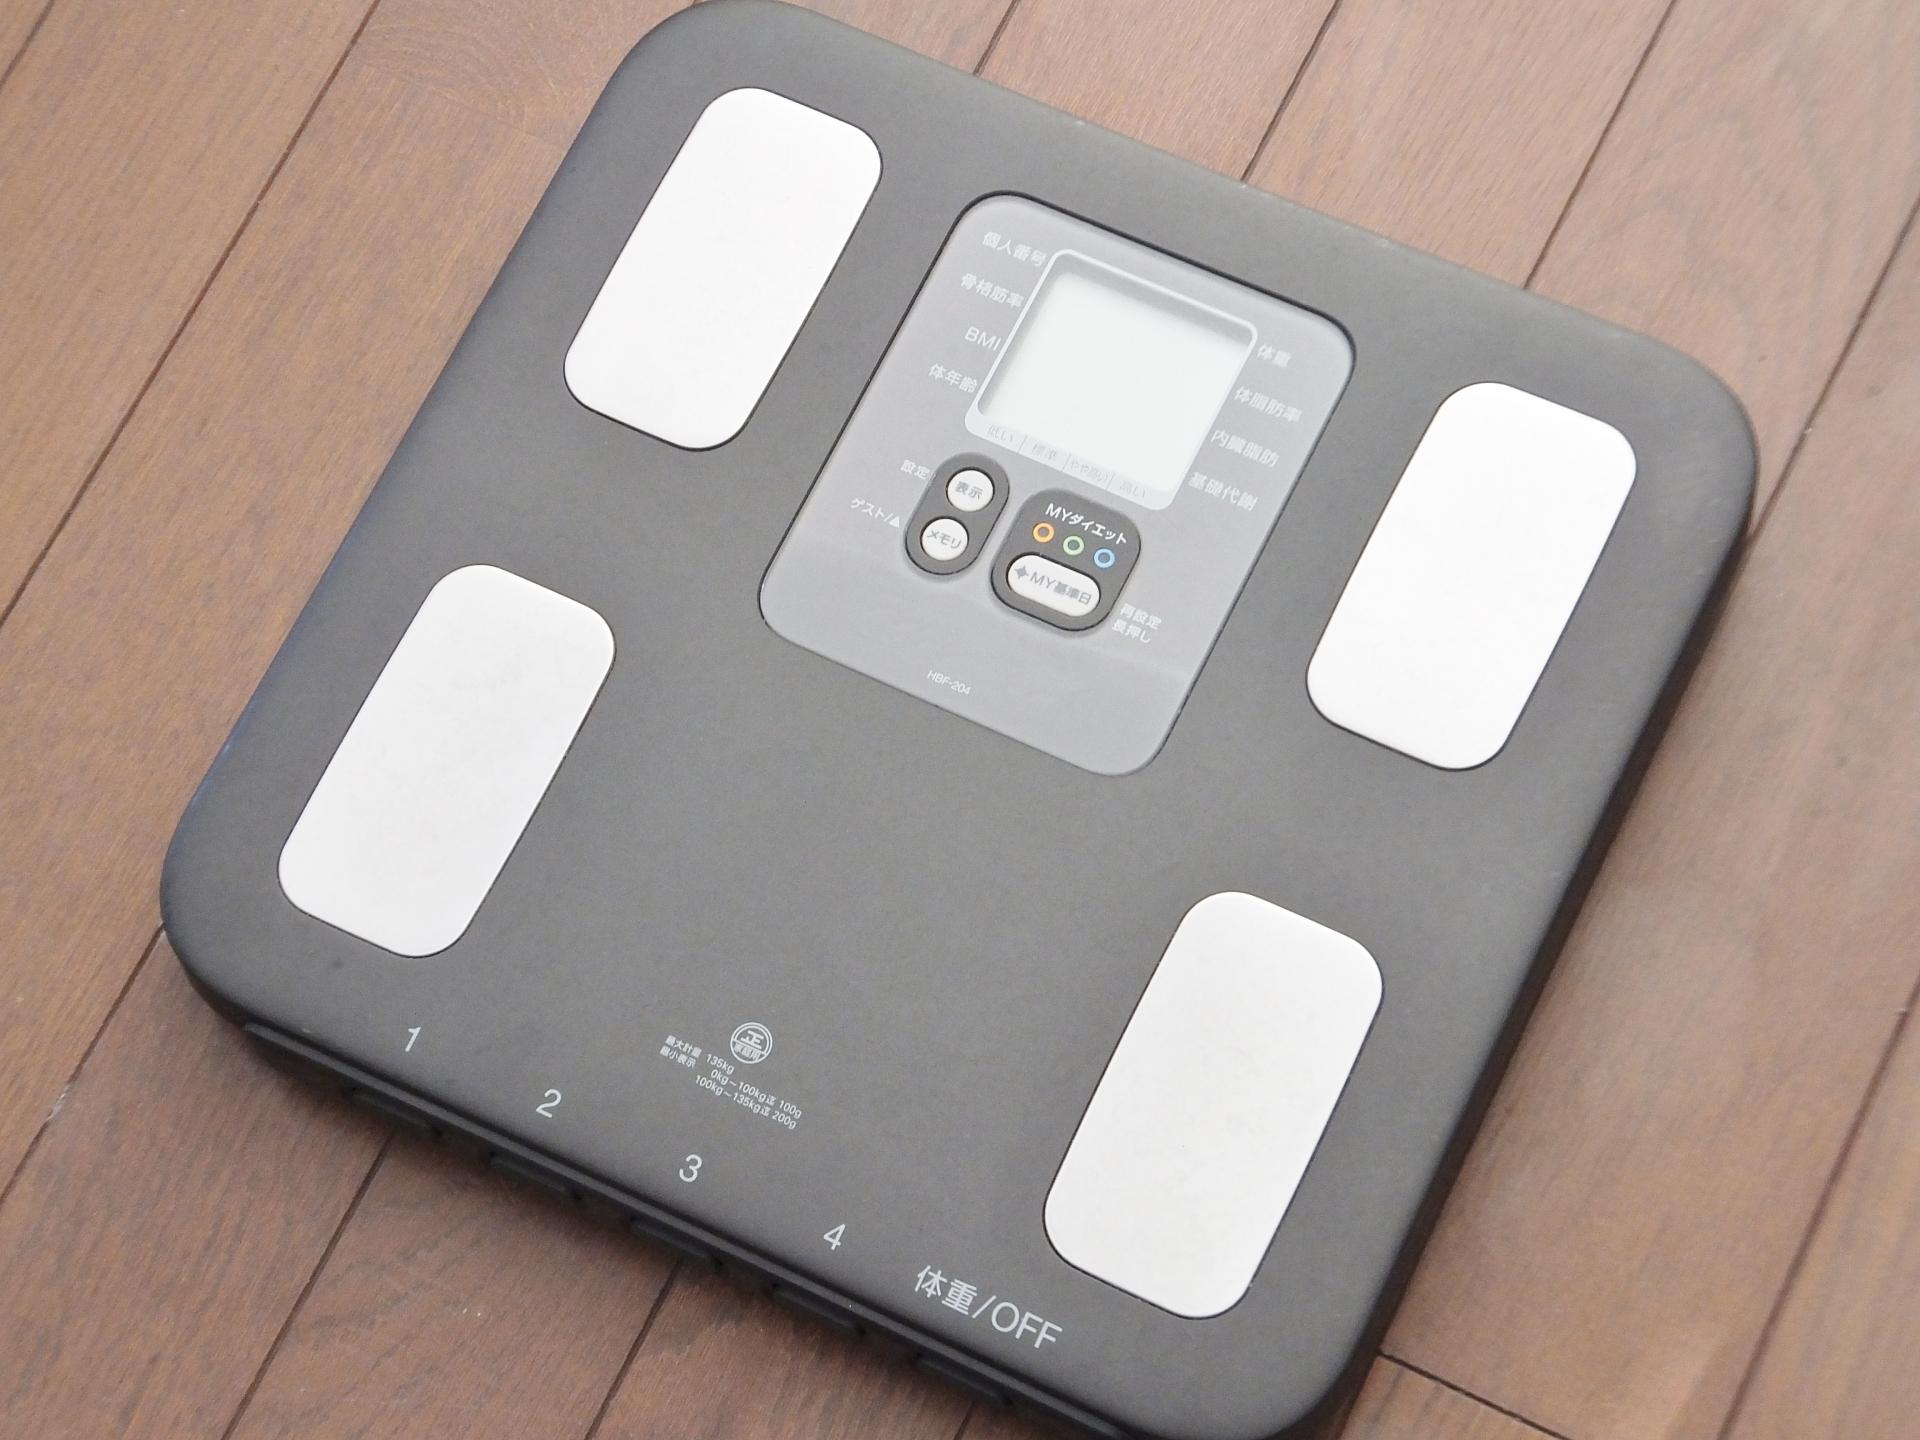 【体重計】タニタ、オムロン、パナソニック、おすすめの1台は?